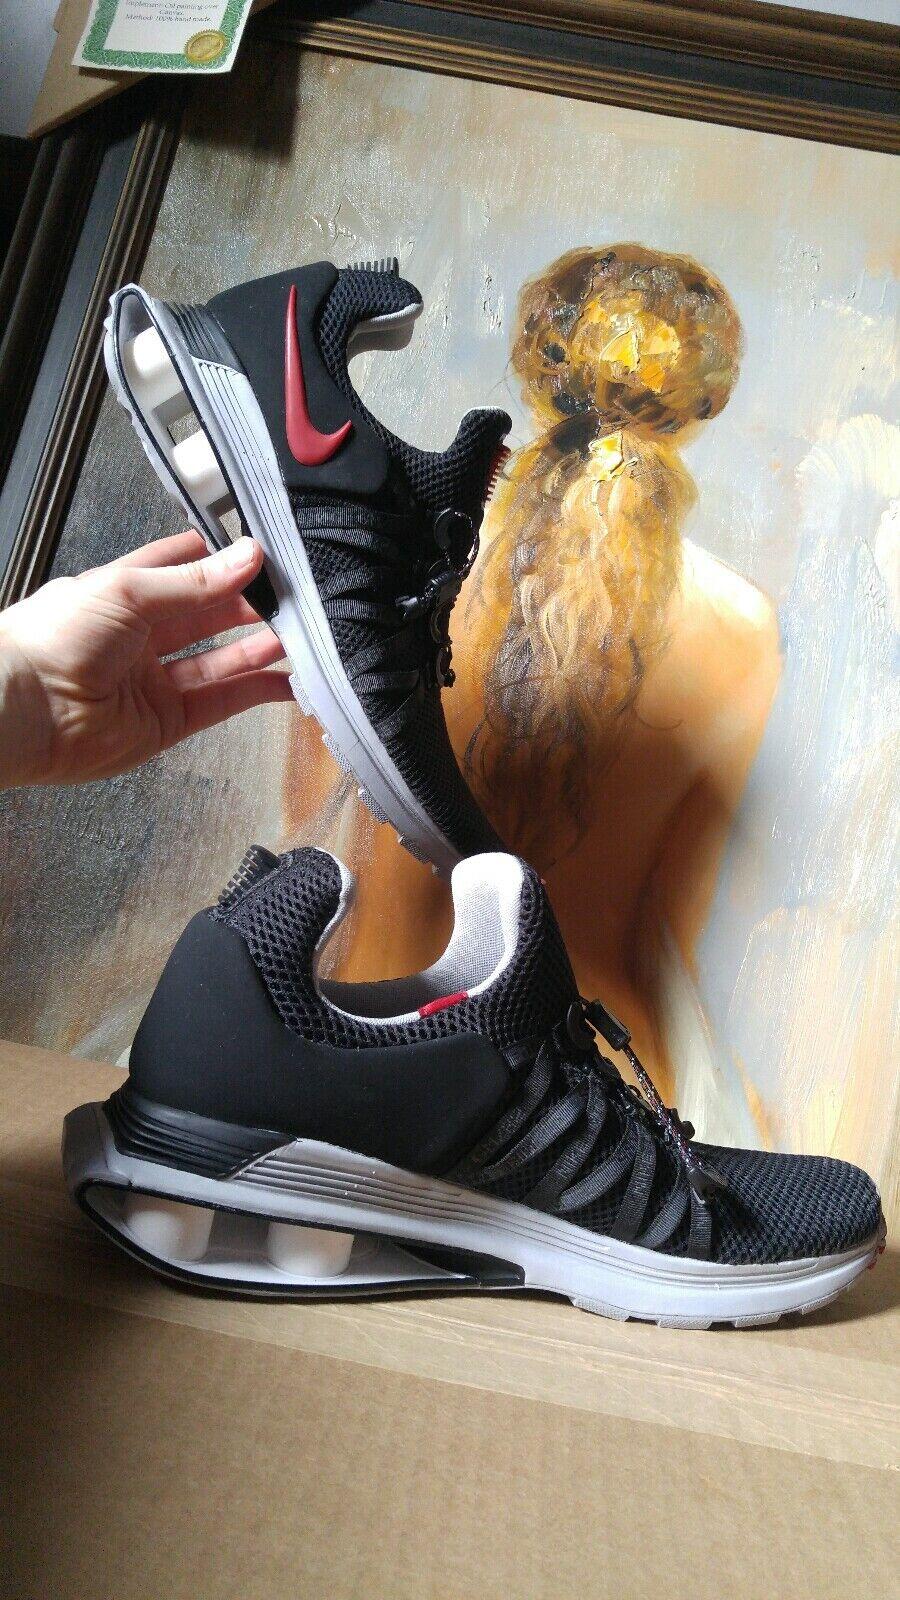 Nike Shock Gravity size 10 10.5 Black Varsity Red White AR1999-016